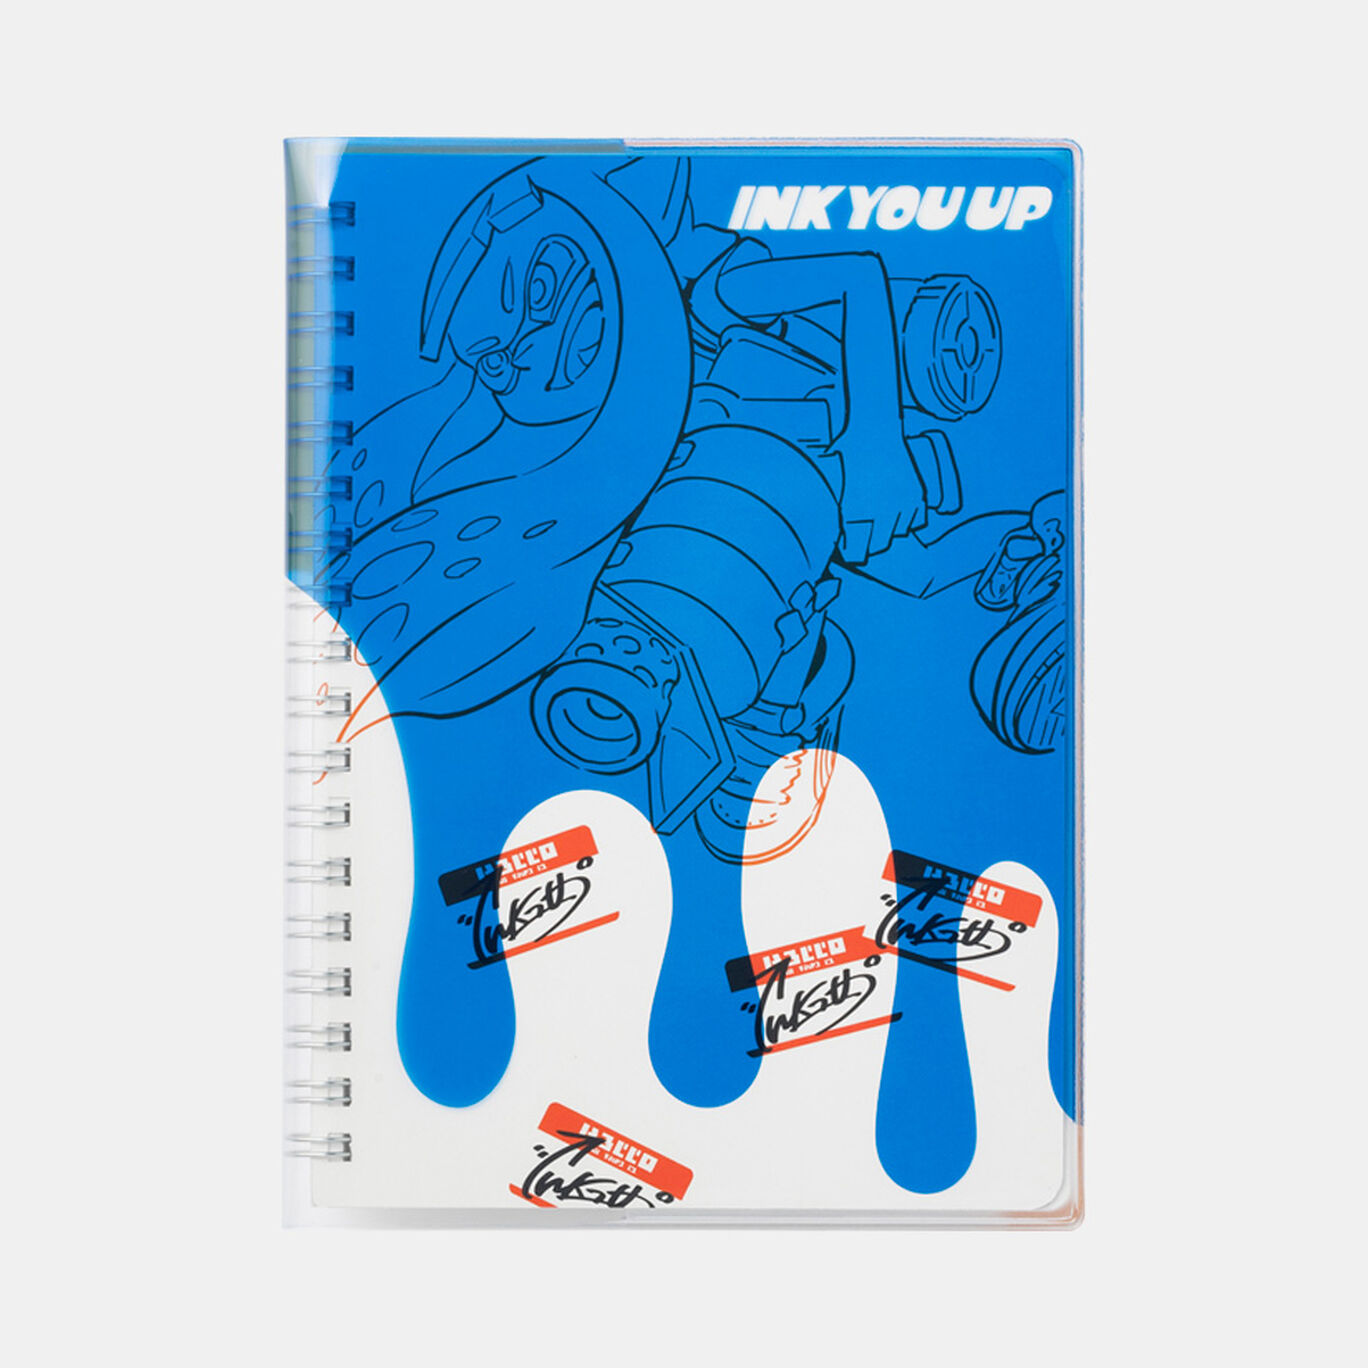 カバー付きB6リングノート INK YOU UP【Nintendo TOKYO取り扱い商品】